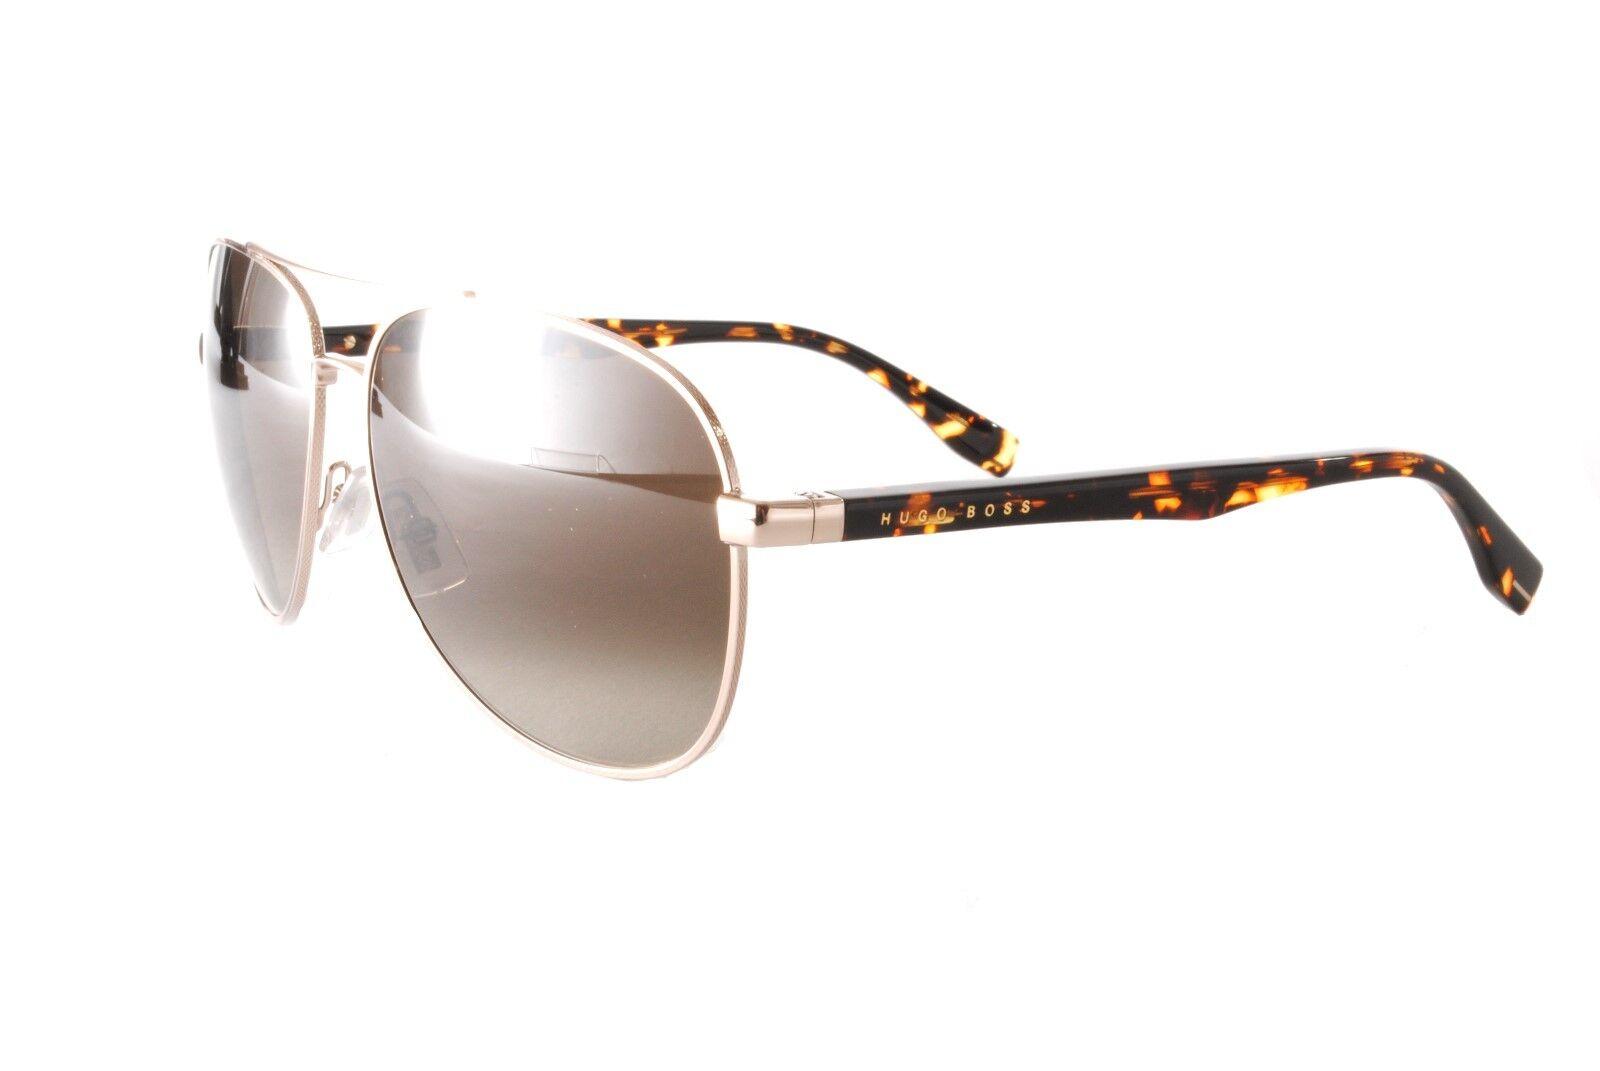 cff1d5fed Detalles acerca de Hugo Boss Gafas de sol Boss 0700S J6XHA ltgoldhavspd oro  La Habana Marrón Degradado- mostrar título original